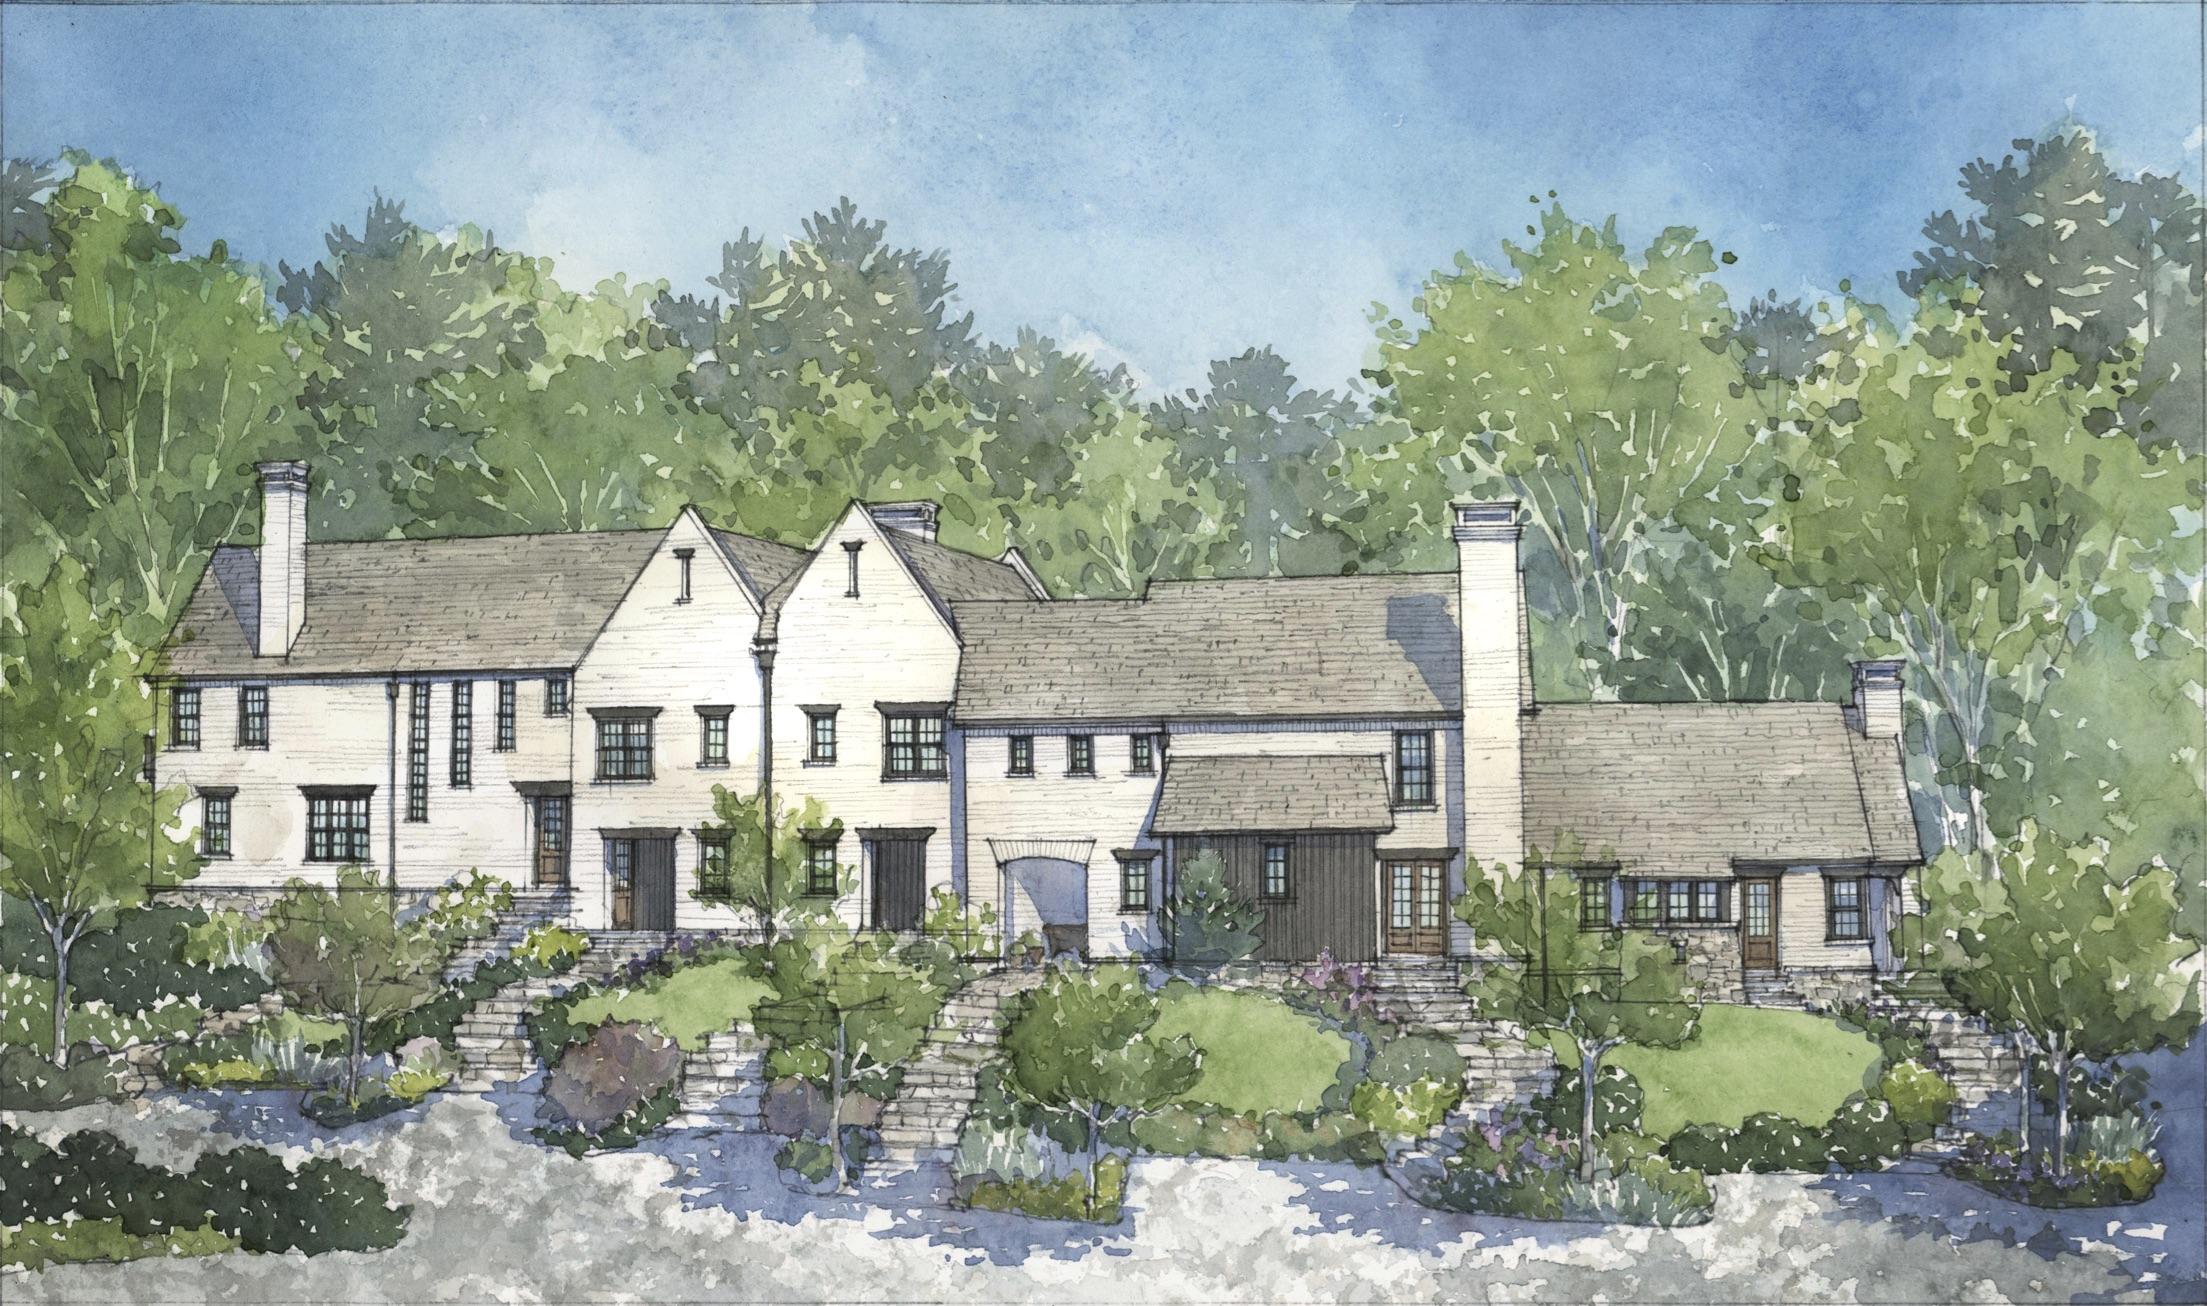 Swann Ridge British Cottages artist rendering by Cindy Cox.